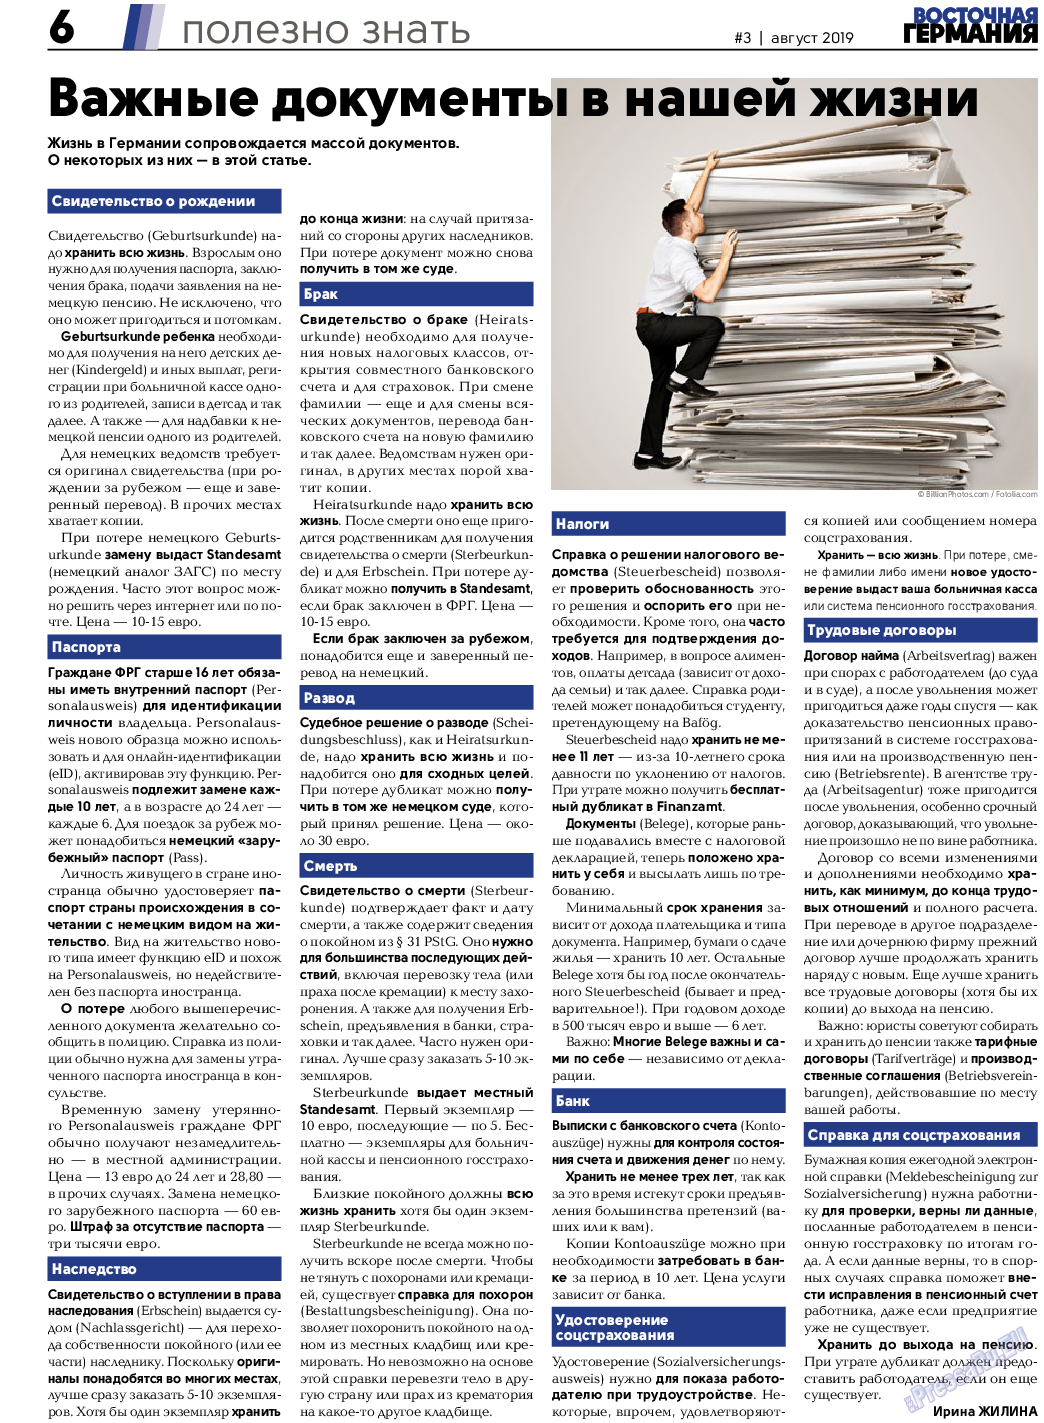 Восточная Германия (газета). 2019 год, номер 3, стр. 6